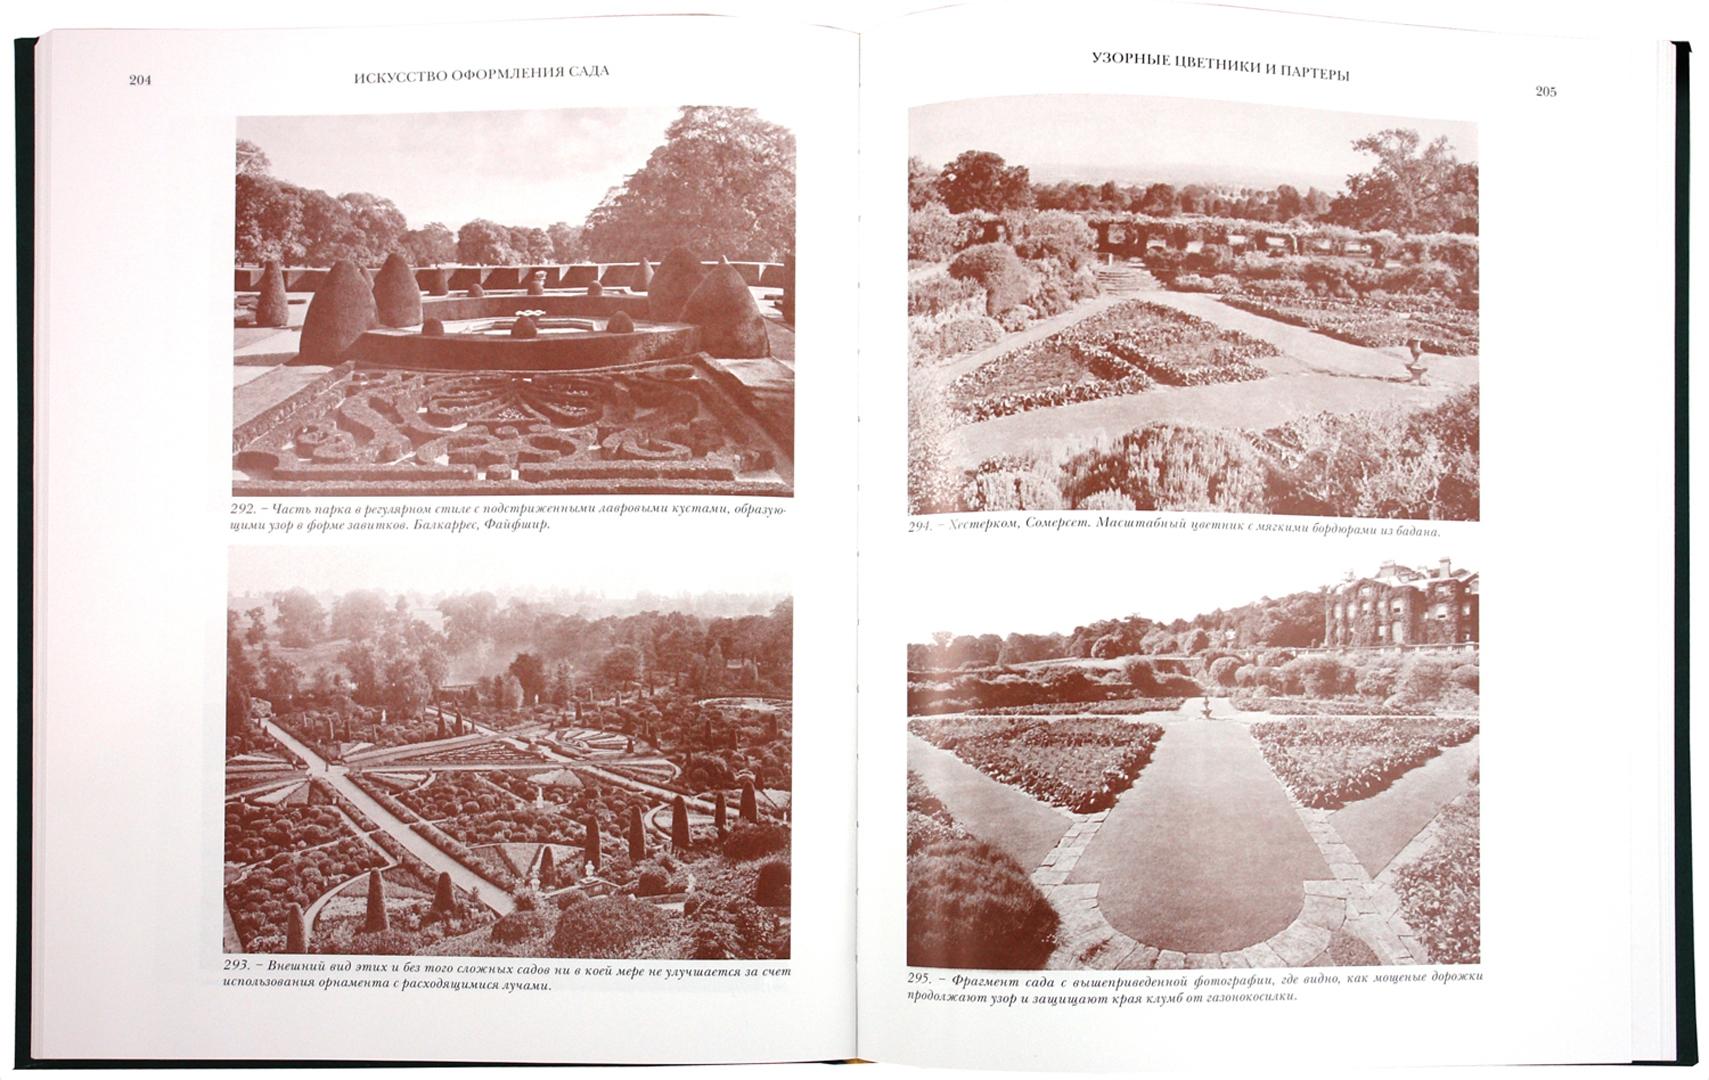 Иллюстрация 1 из 9 для Искусство оформления сада - Джекилл, Хьюссей | Лабиринт - книги. Источник: Лабиринт